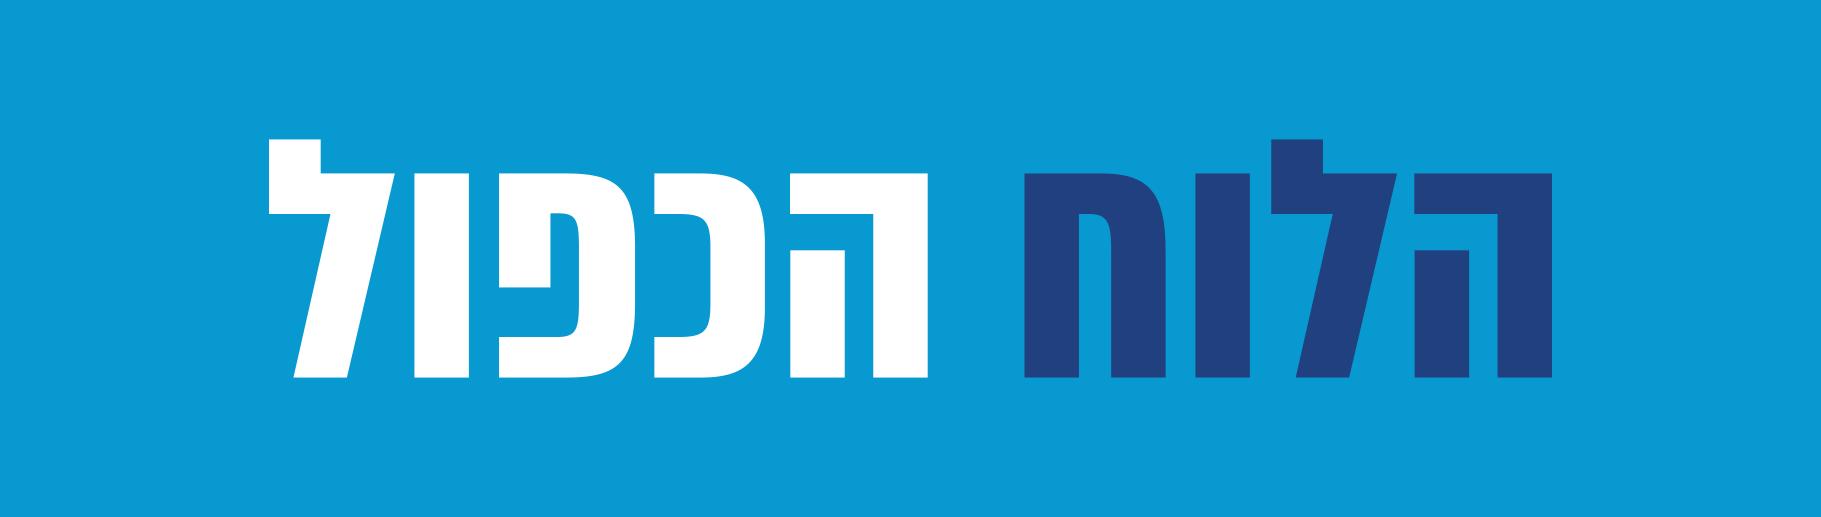 הלוח-הכפול שבוע ישראלי